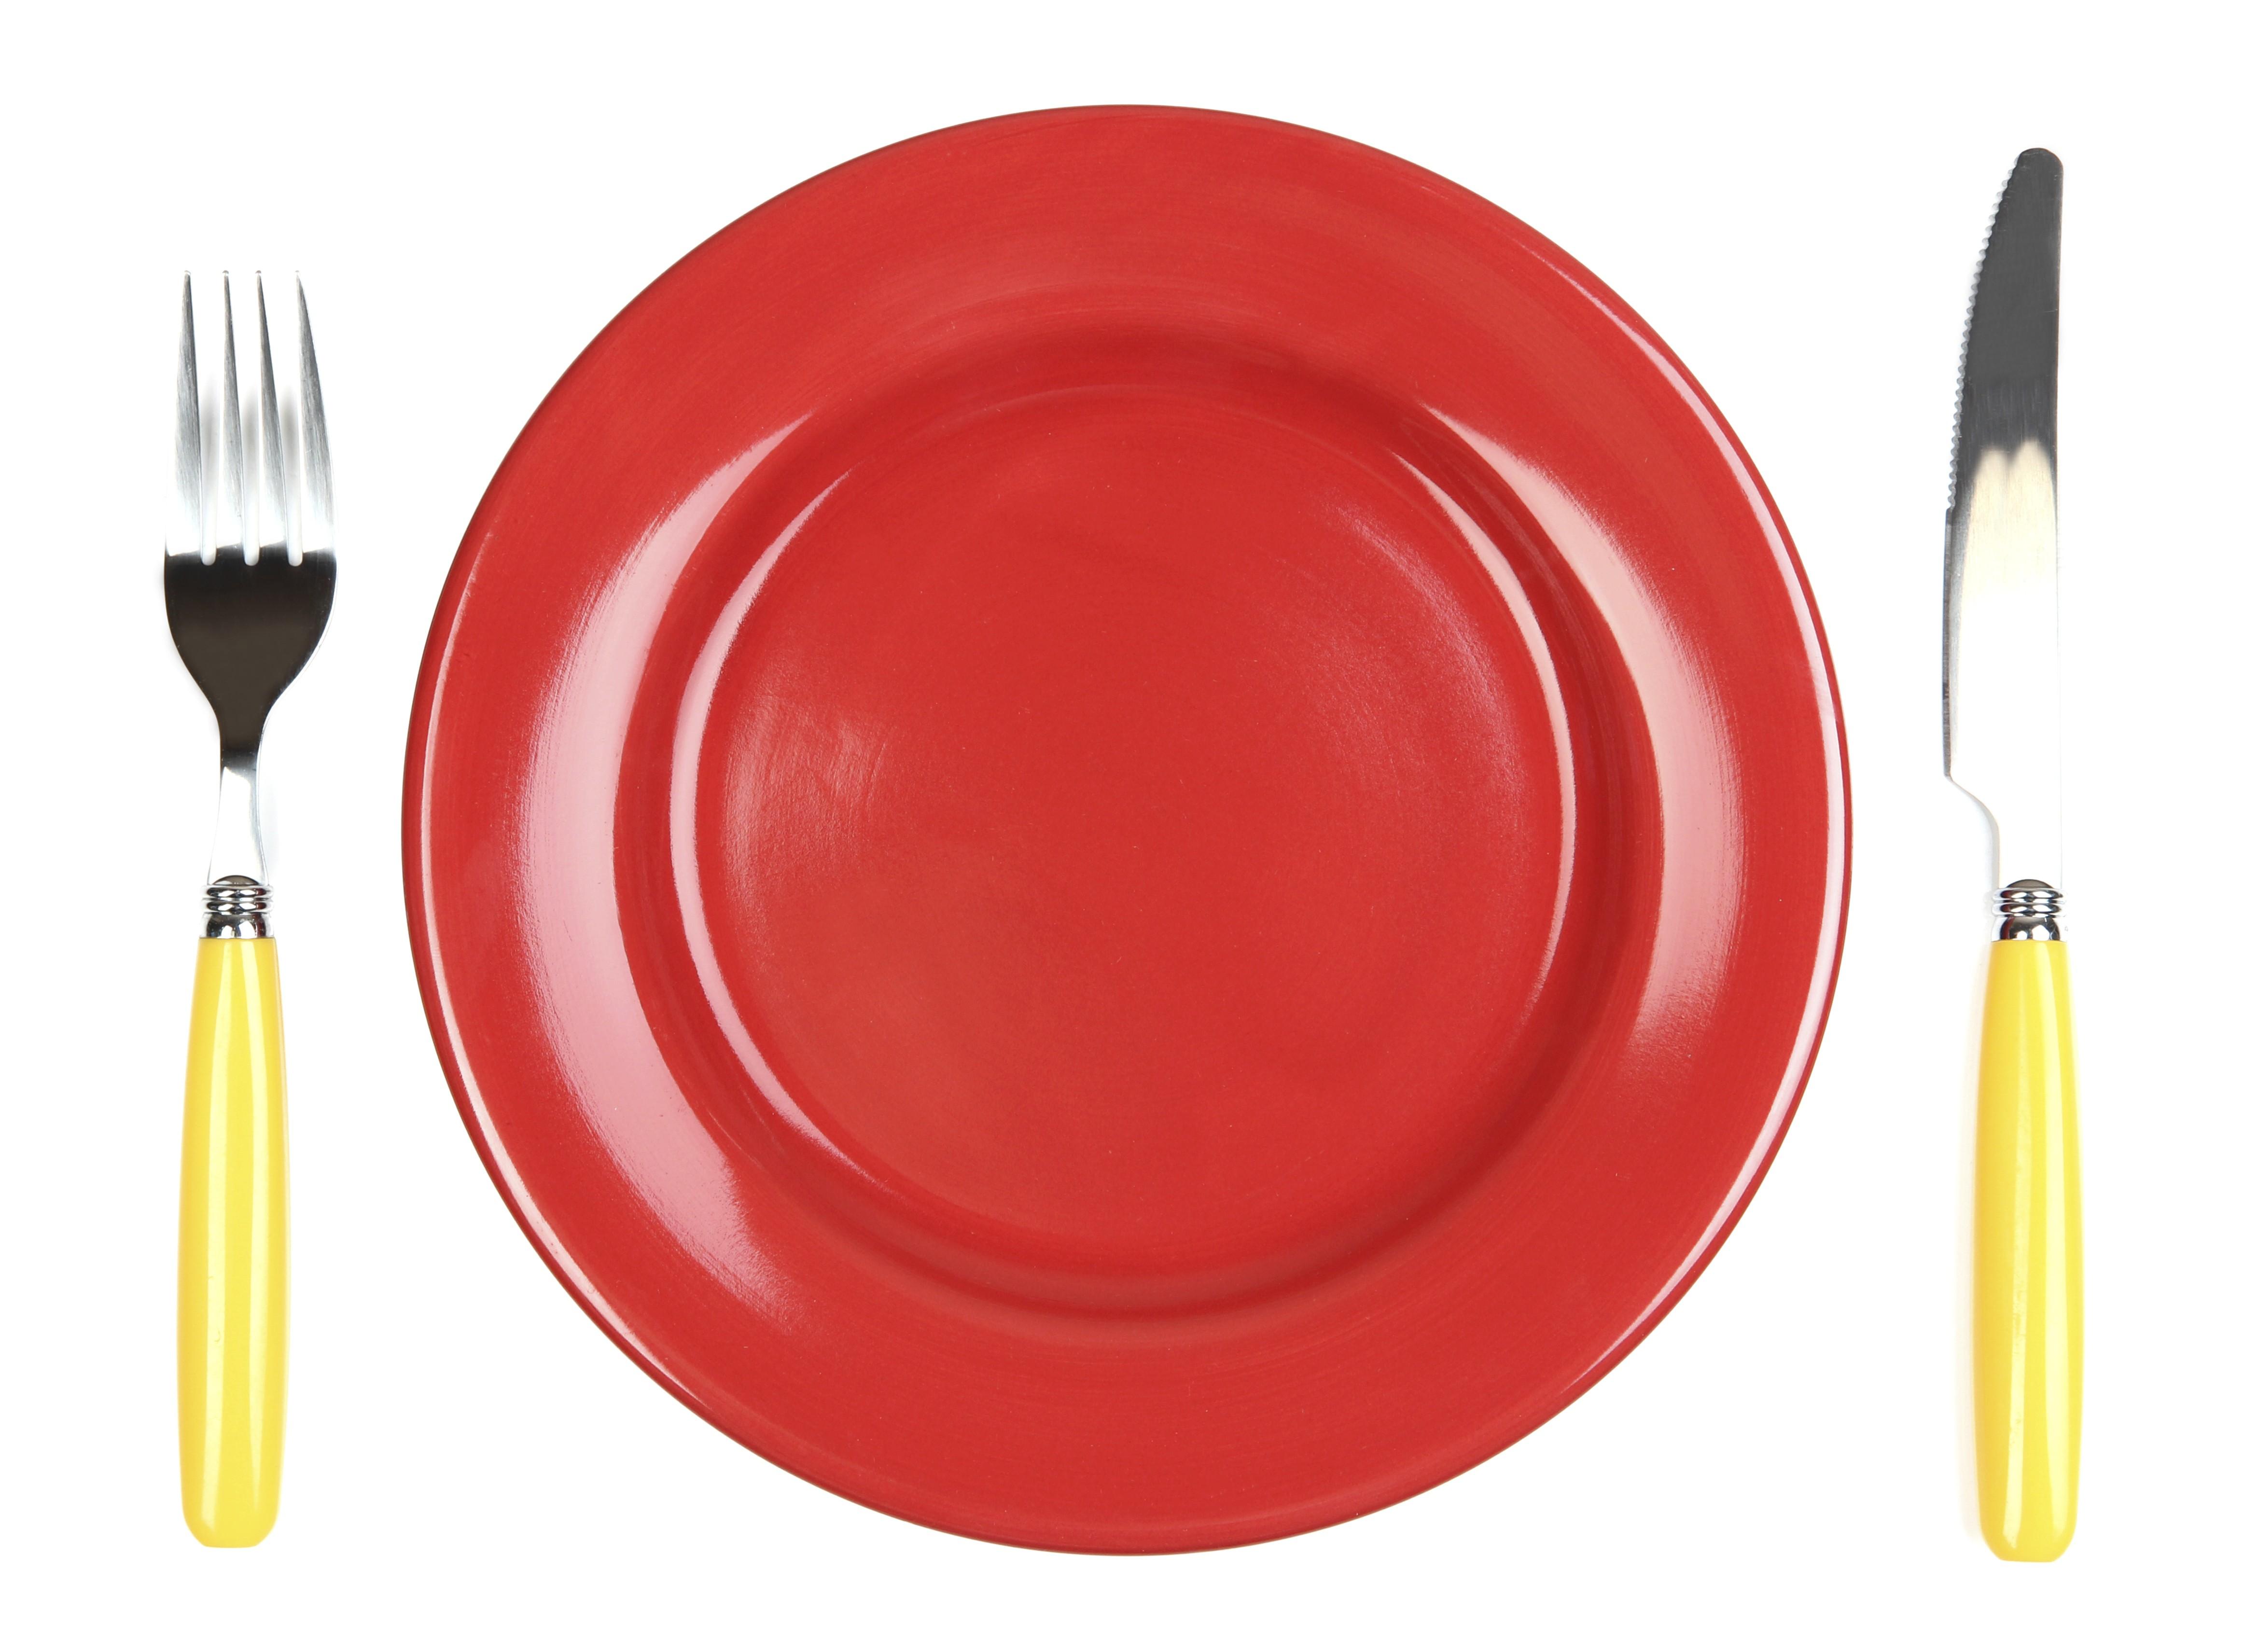 Participantes de estudo participantes comeram menos na louça vermelha (Foto: Think Stock)